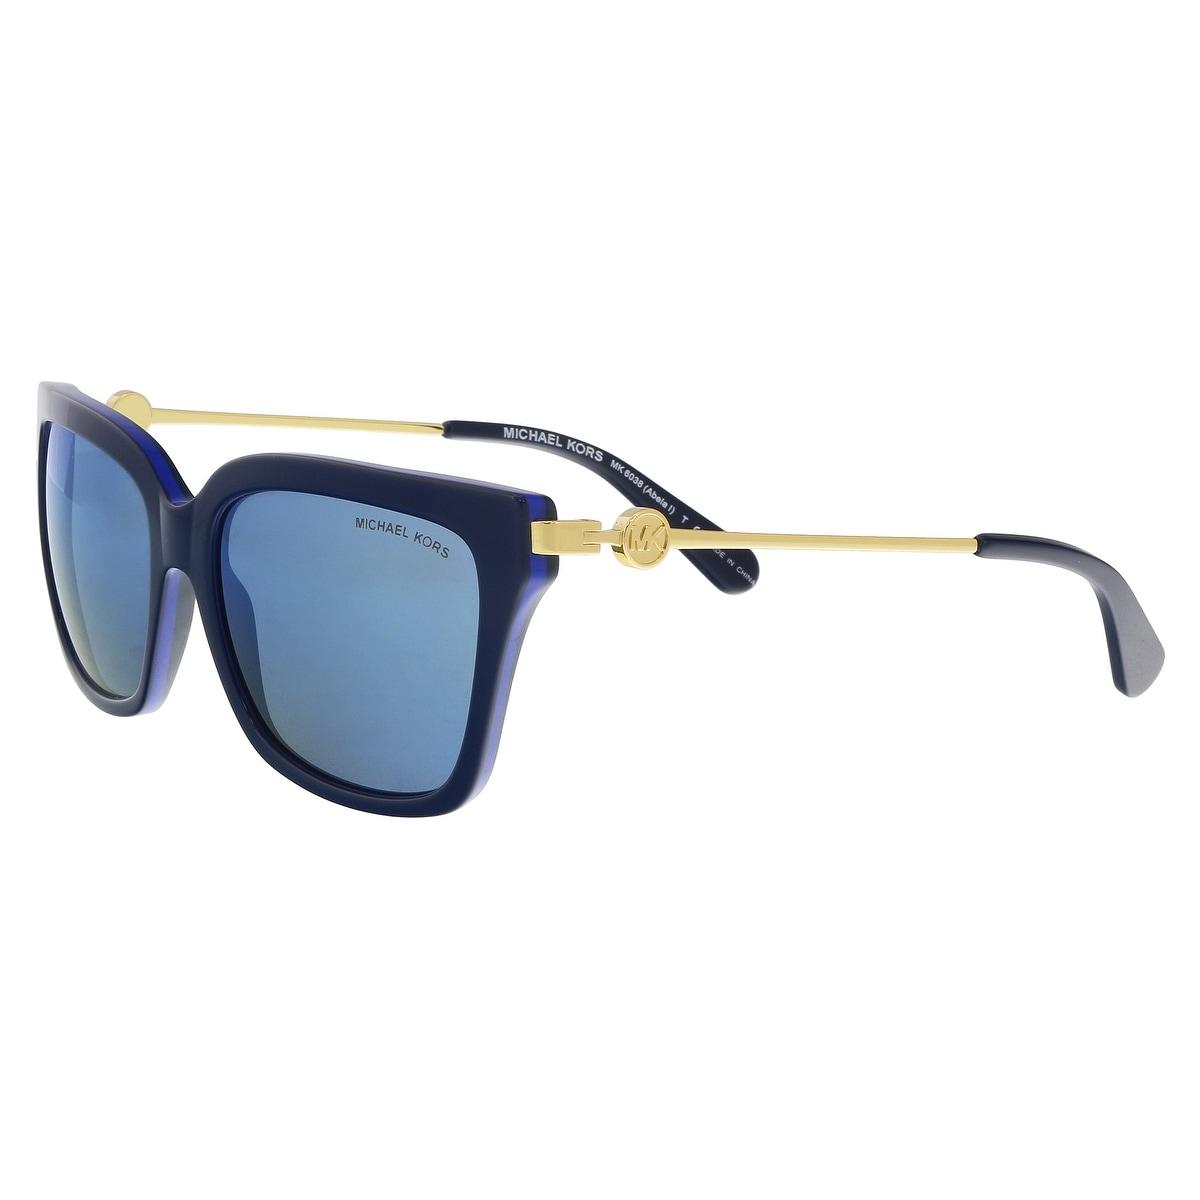 de4e837750 Michael Kors MK6038 313455 ABELA I Navy Cobalt Square Sunglasses - 56-17-140